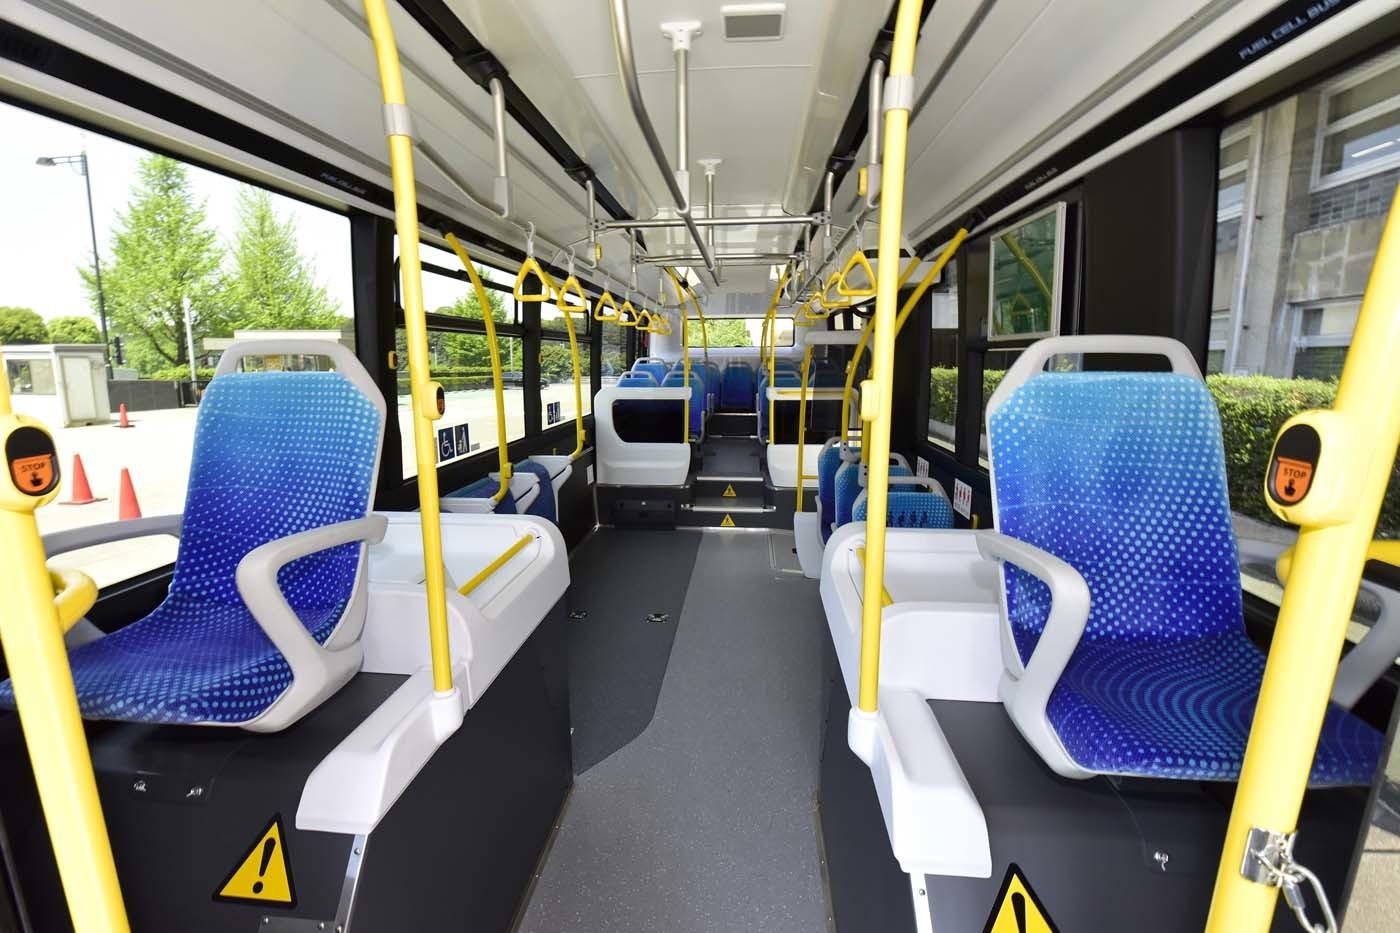 室内。バスは乗客が立ったまま乗るため車内振動の抑制がよりシビアになる